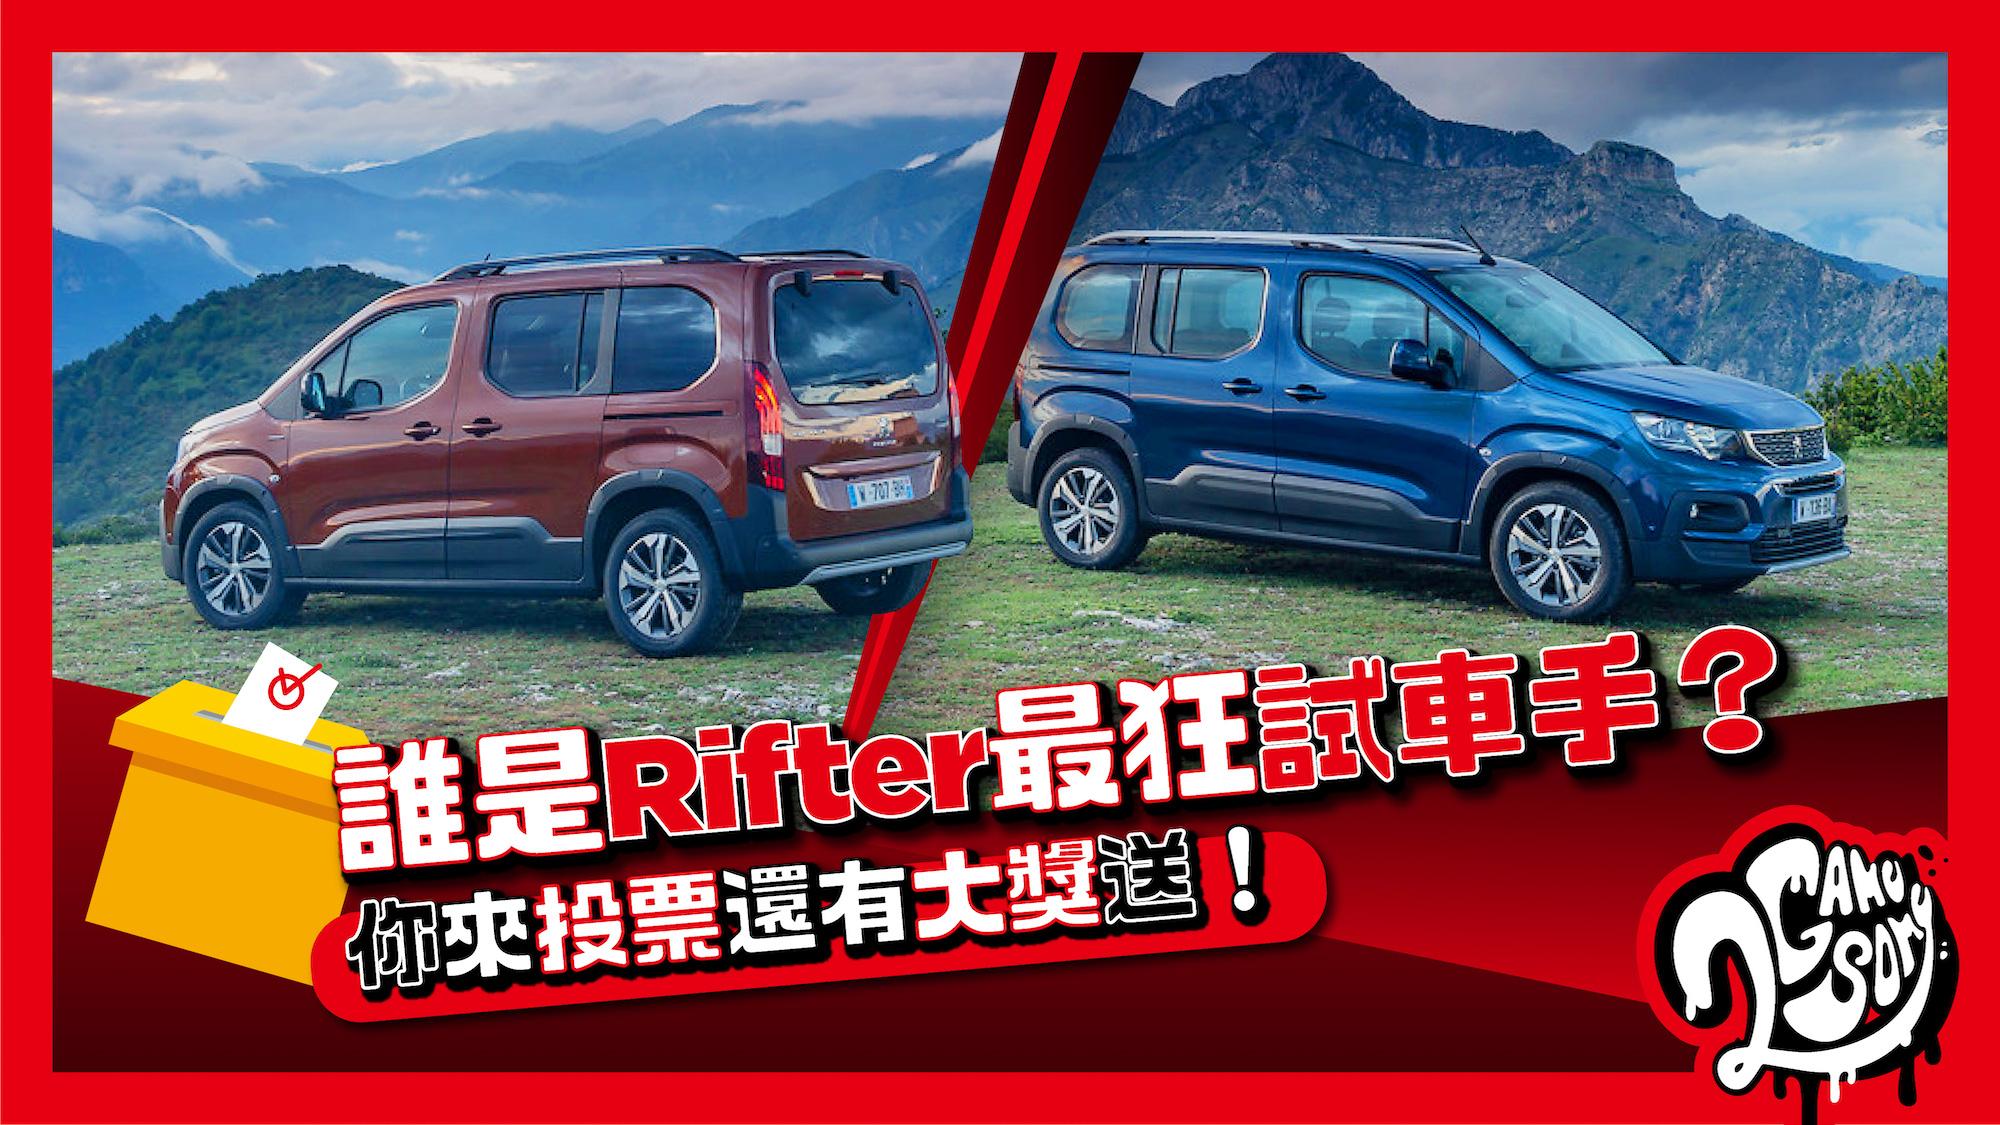 誰是 Peugeot Rifter 最狂試車手?你來投票還有大獎送!